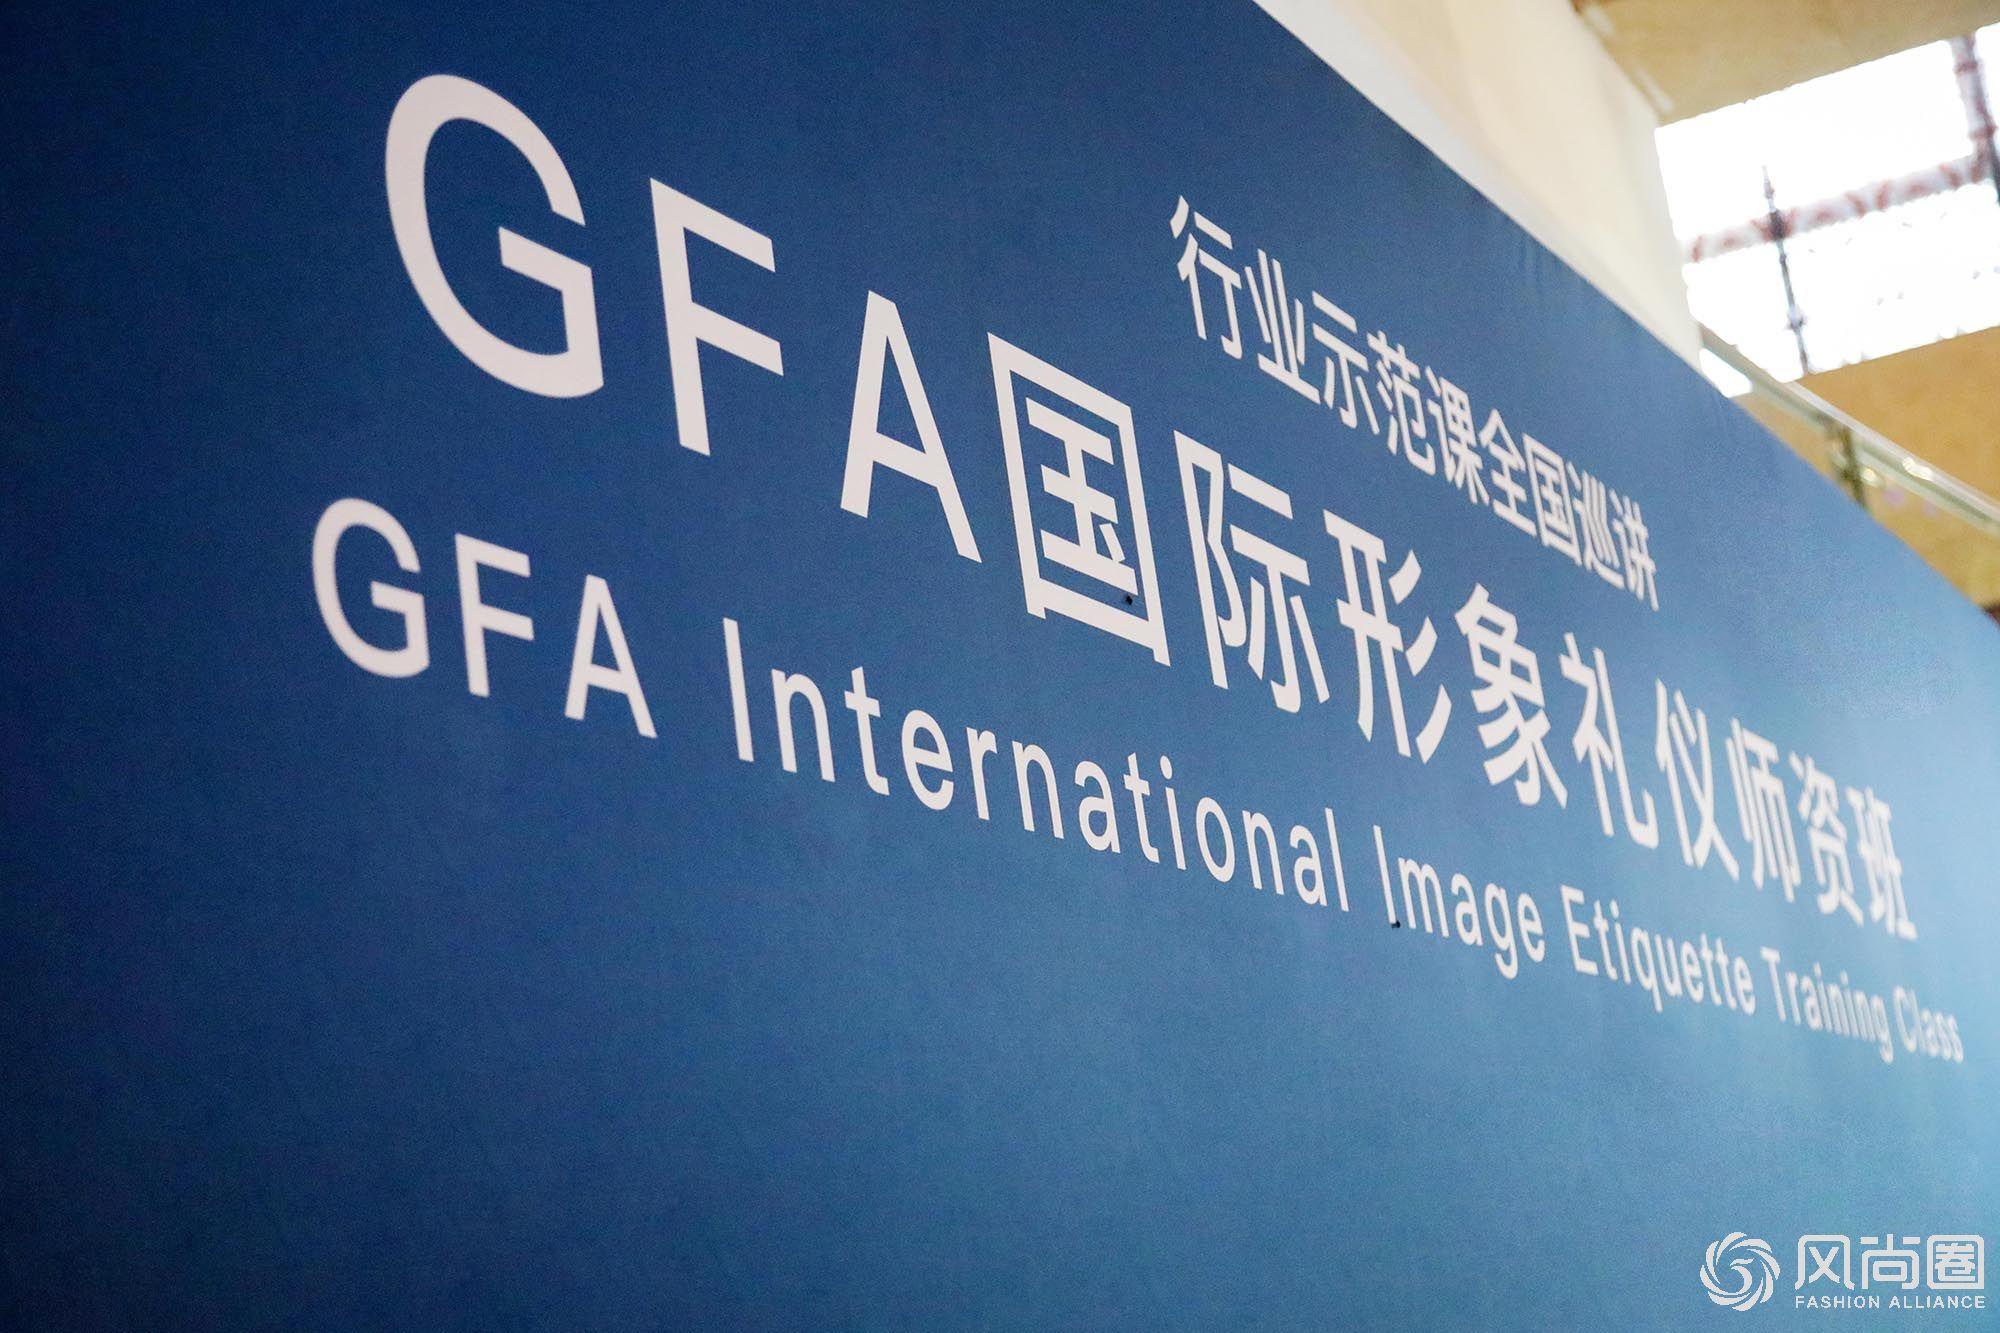 第84届GFA国际形象管理师专业班今日报到